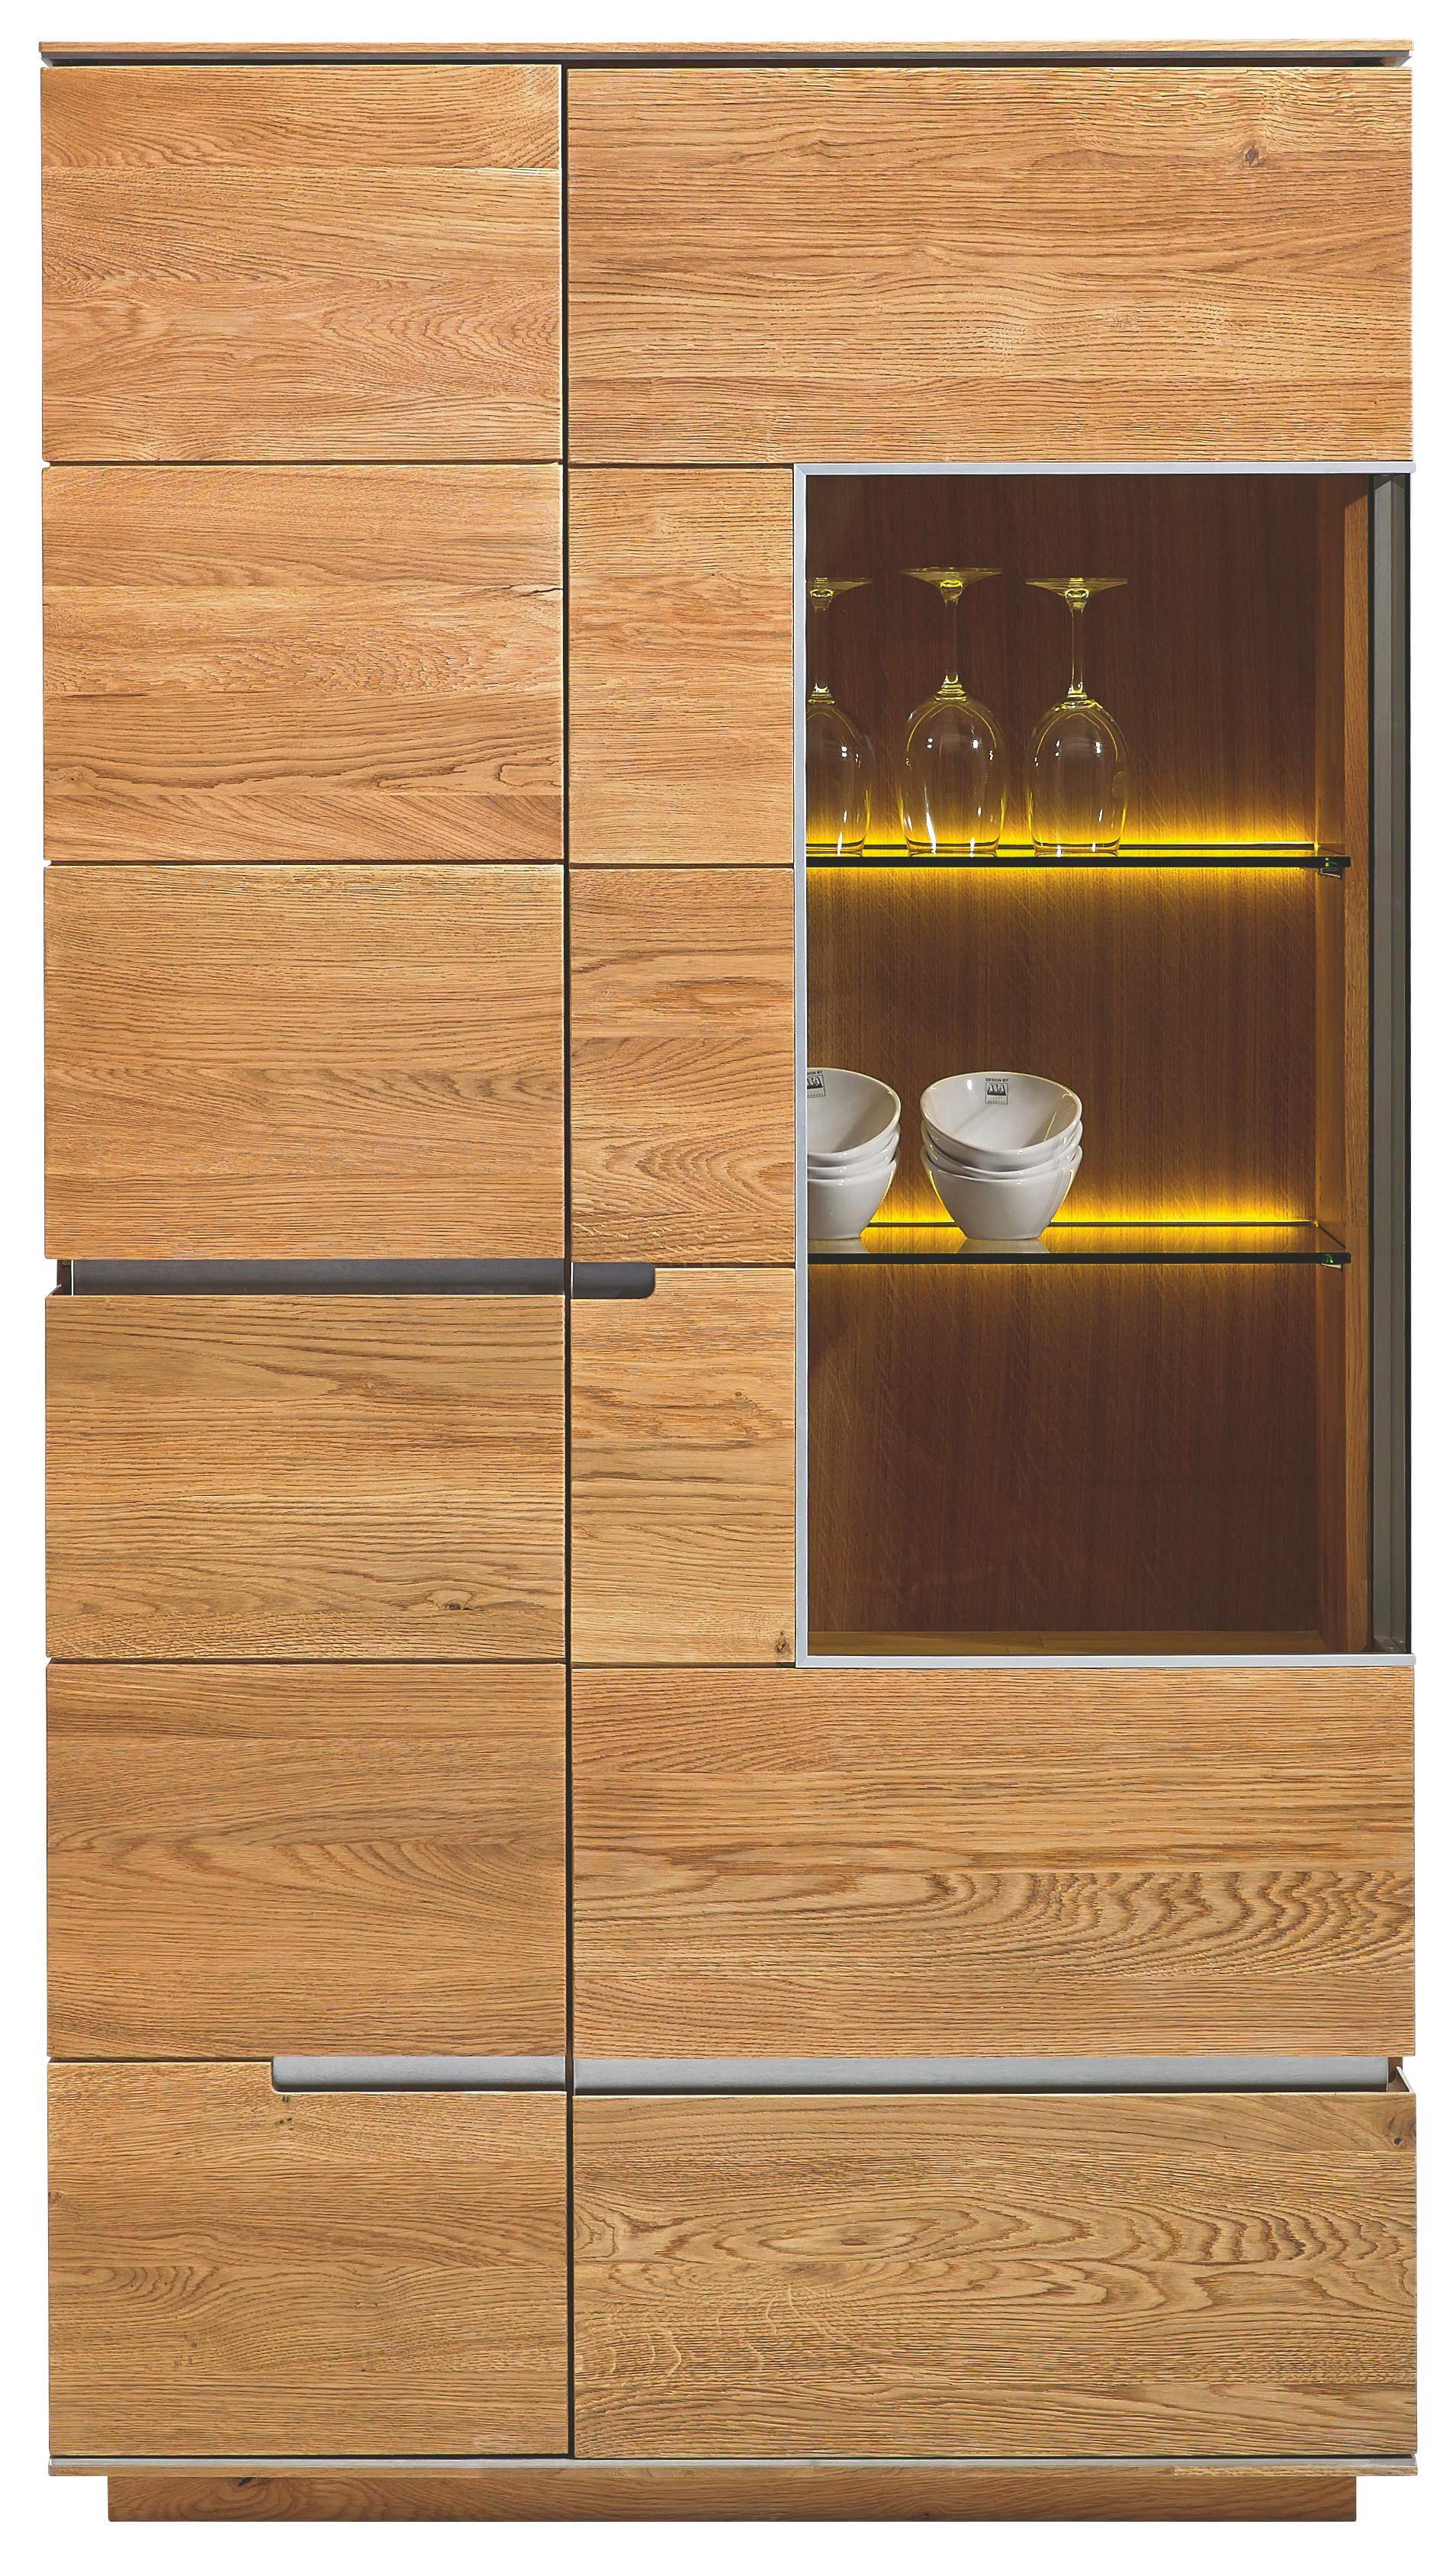 VITRINE Asteiche massiv Eichefarben - Eichefarben/Nickelfarben, Design, Glas/Holz (97/177/42cm) - CASSANDO